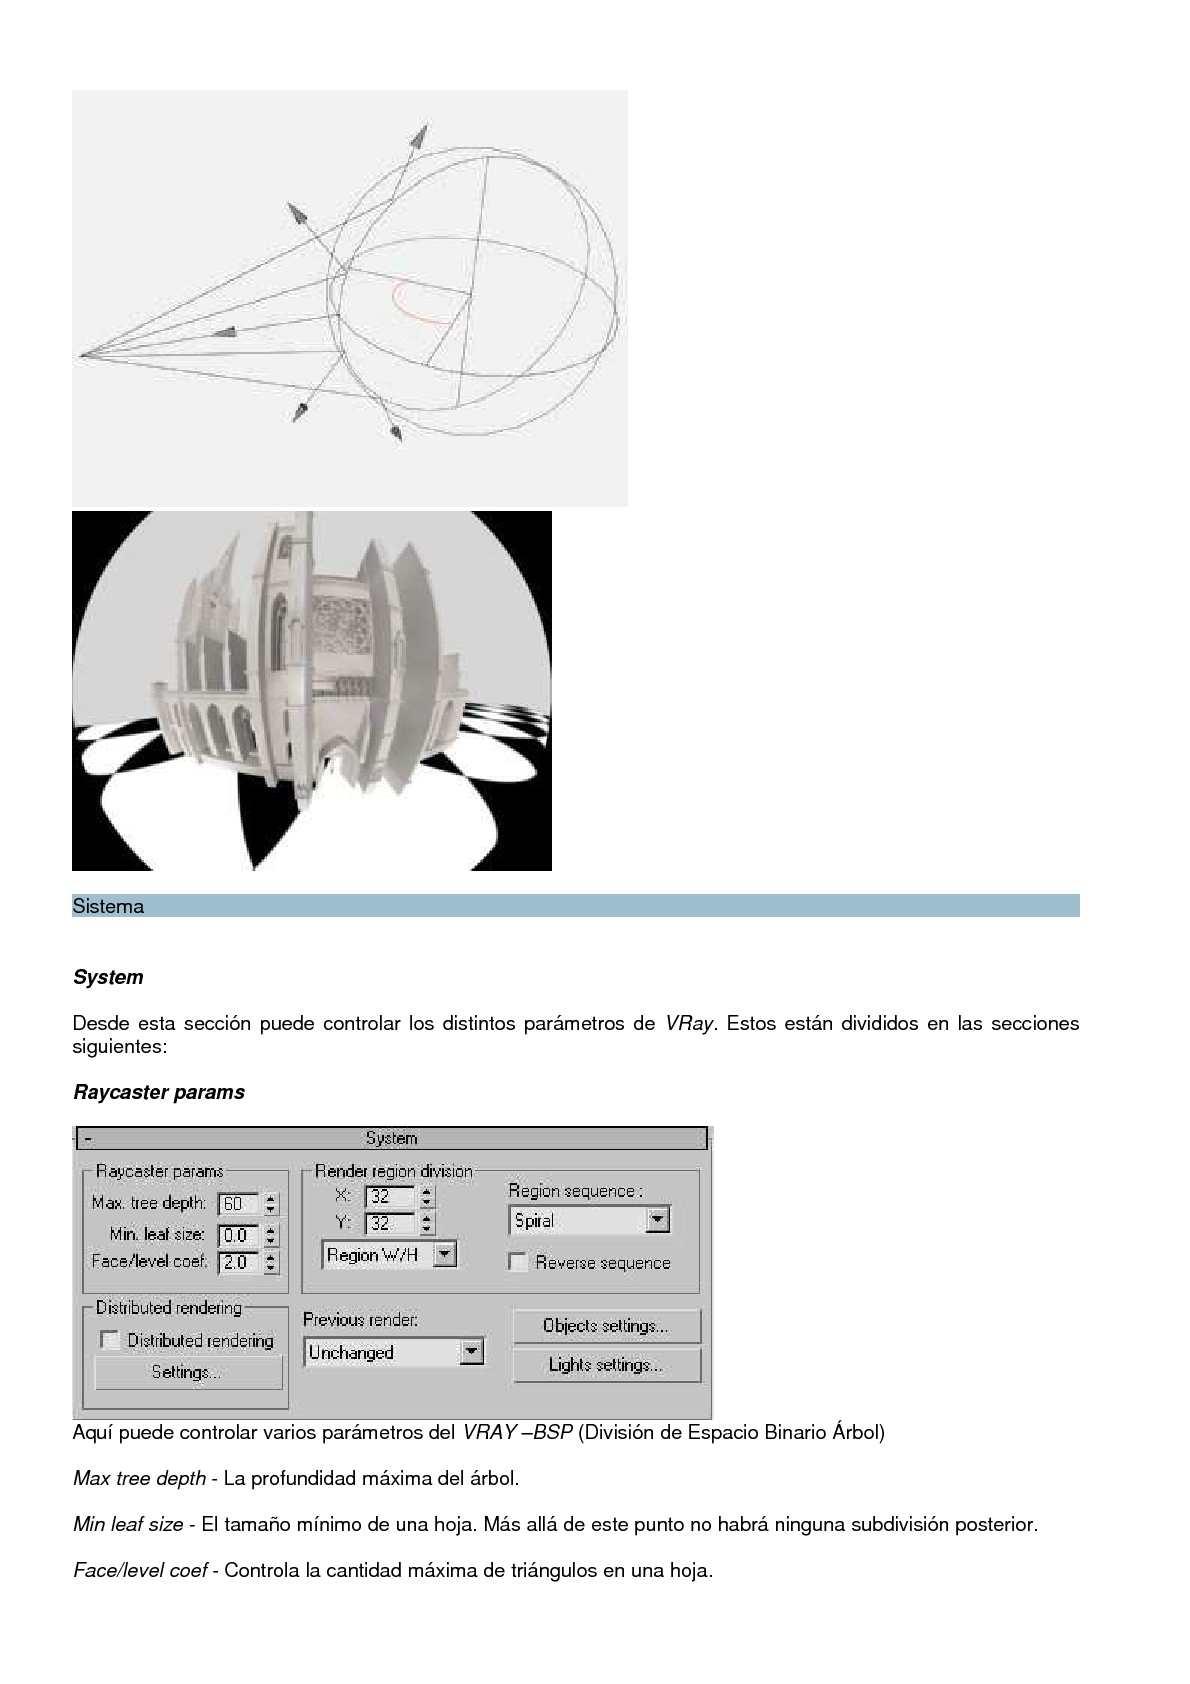 Manual VRAY 1 5 - CALAMEO Downloader